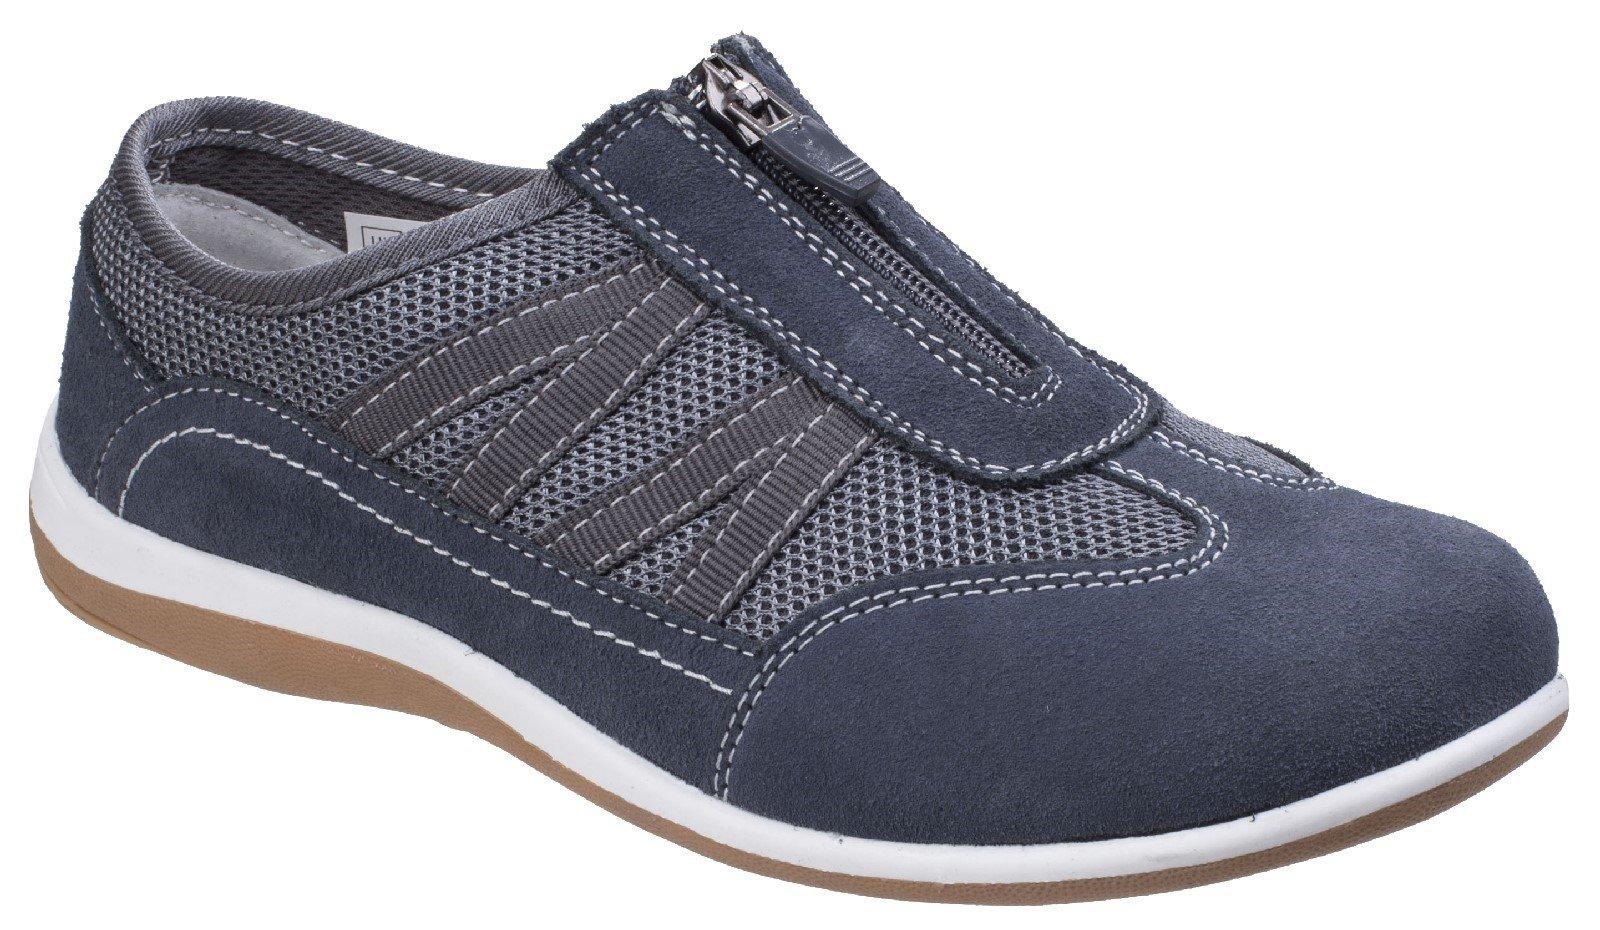 Fleet & Foster Women's Mombassa Comfort Trainer Various Colours 26306-43902 - Grey 3